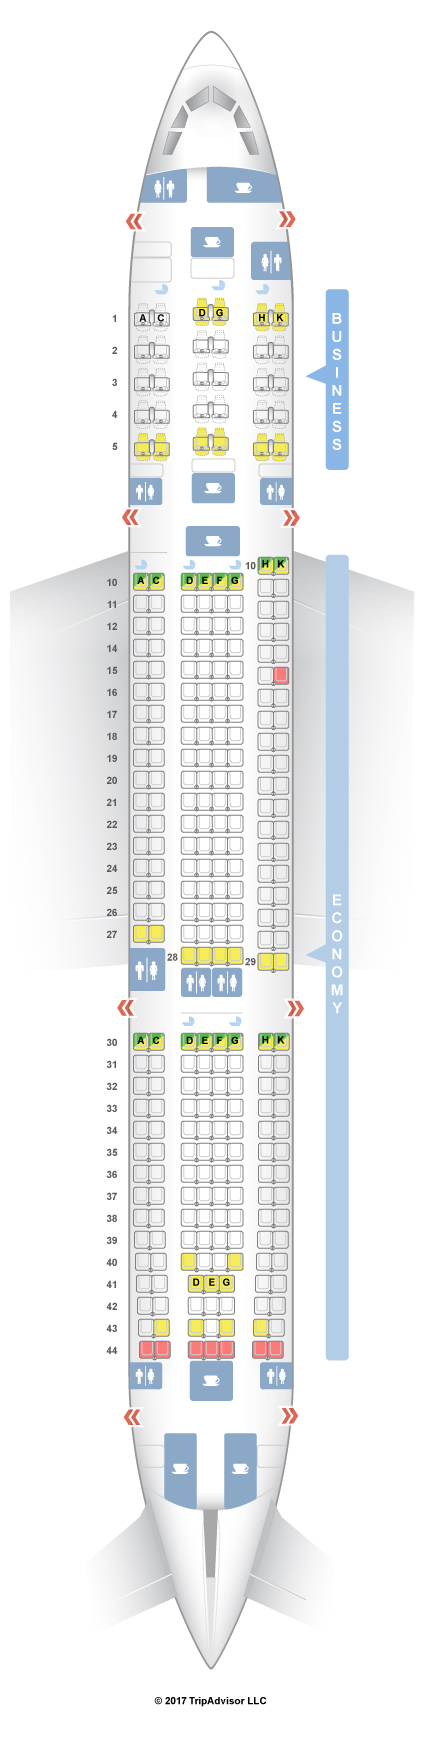 Seatguru Seat Map Asiana